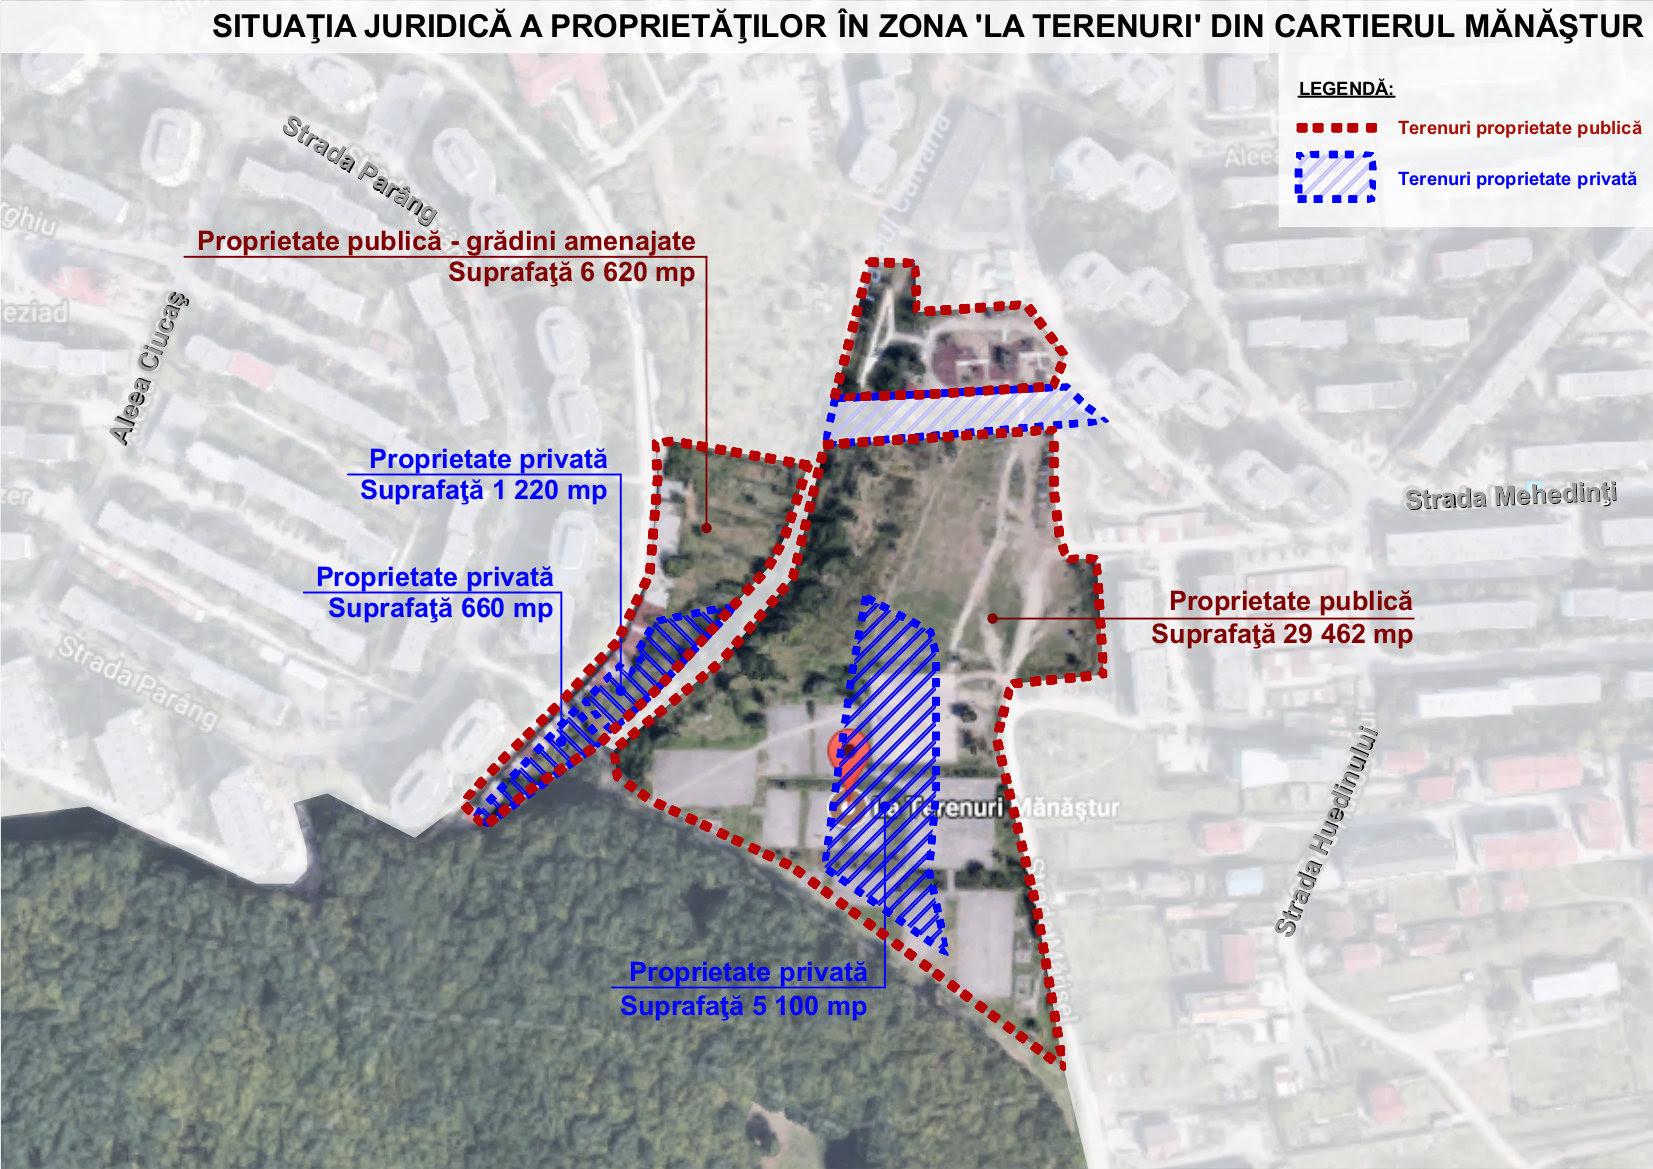 USR Cluj propune ca zona La Terenuri să fie cel mai mare spațiu public al cartierului Mănăștur.